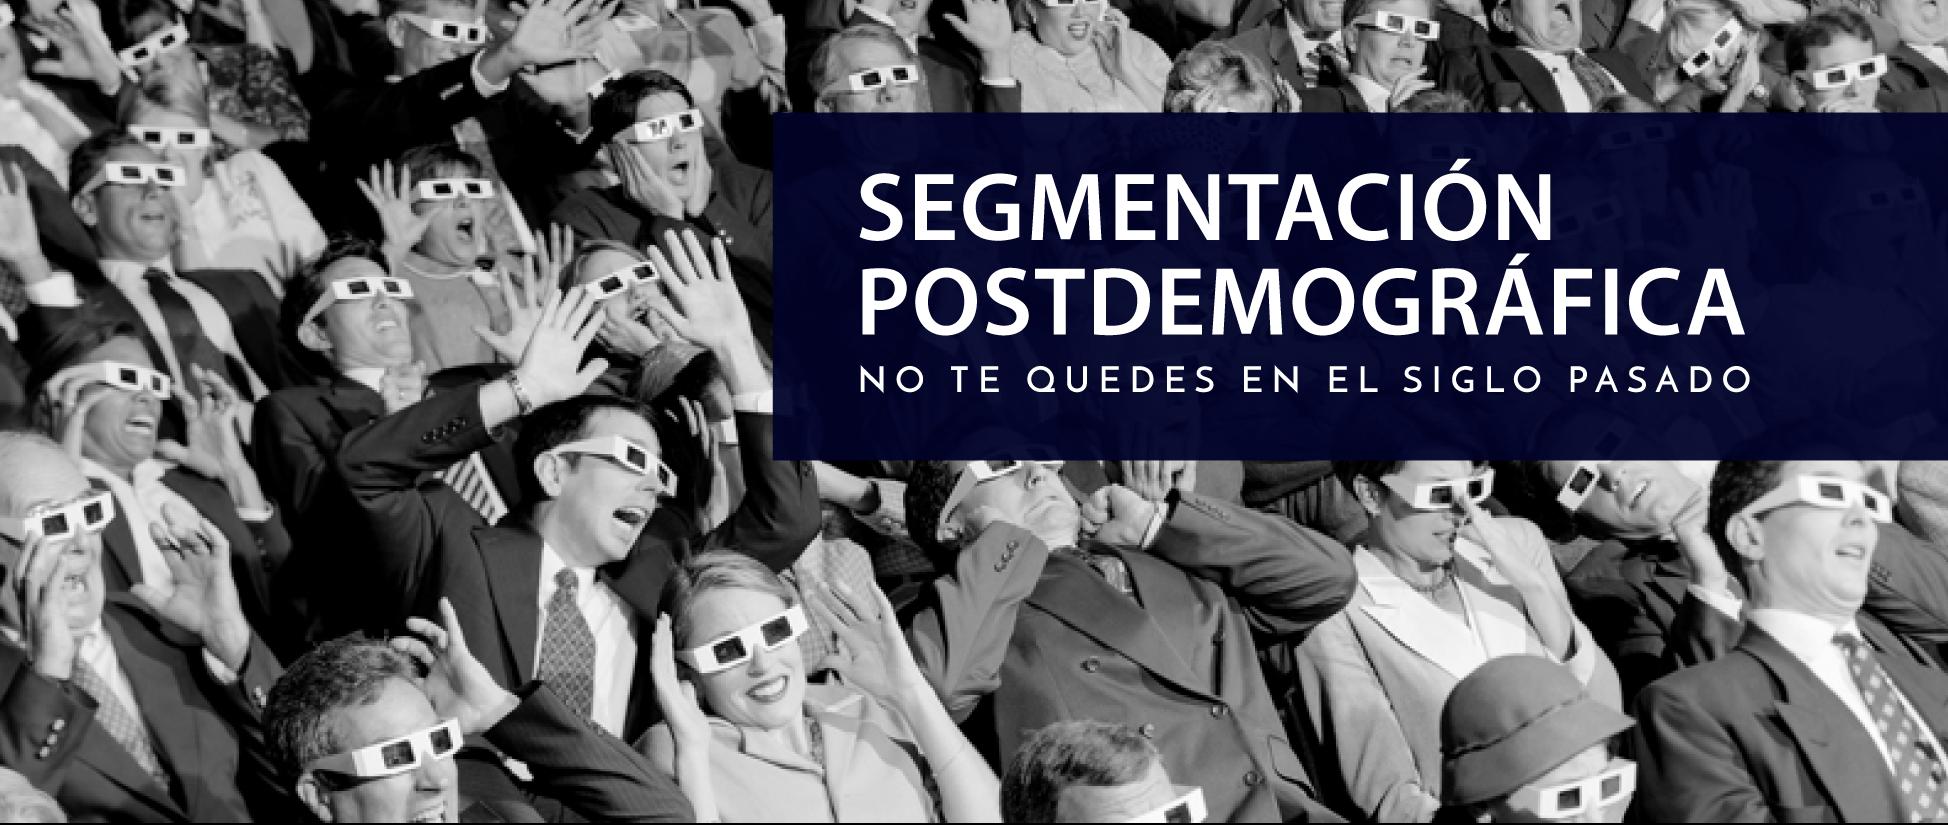 Segmentación postdemográfica: no te quedes en el siglo pasado